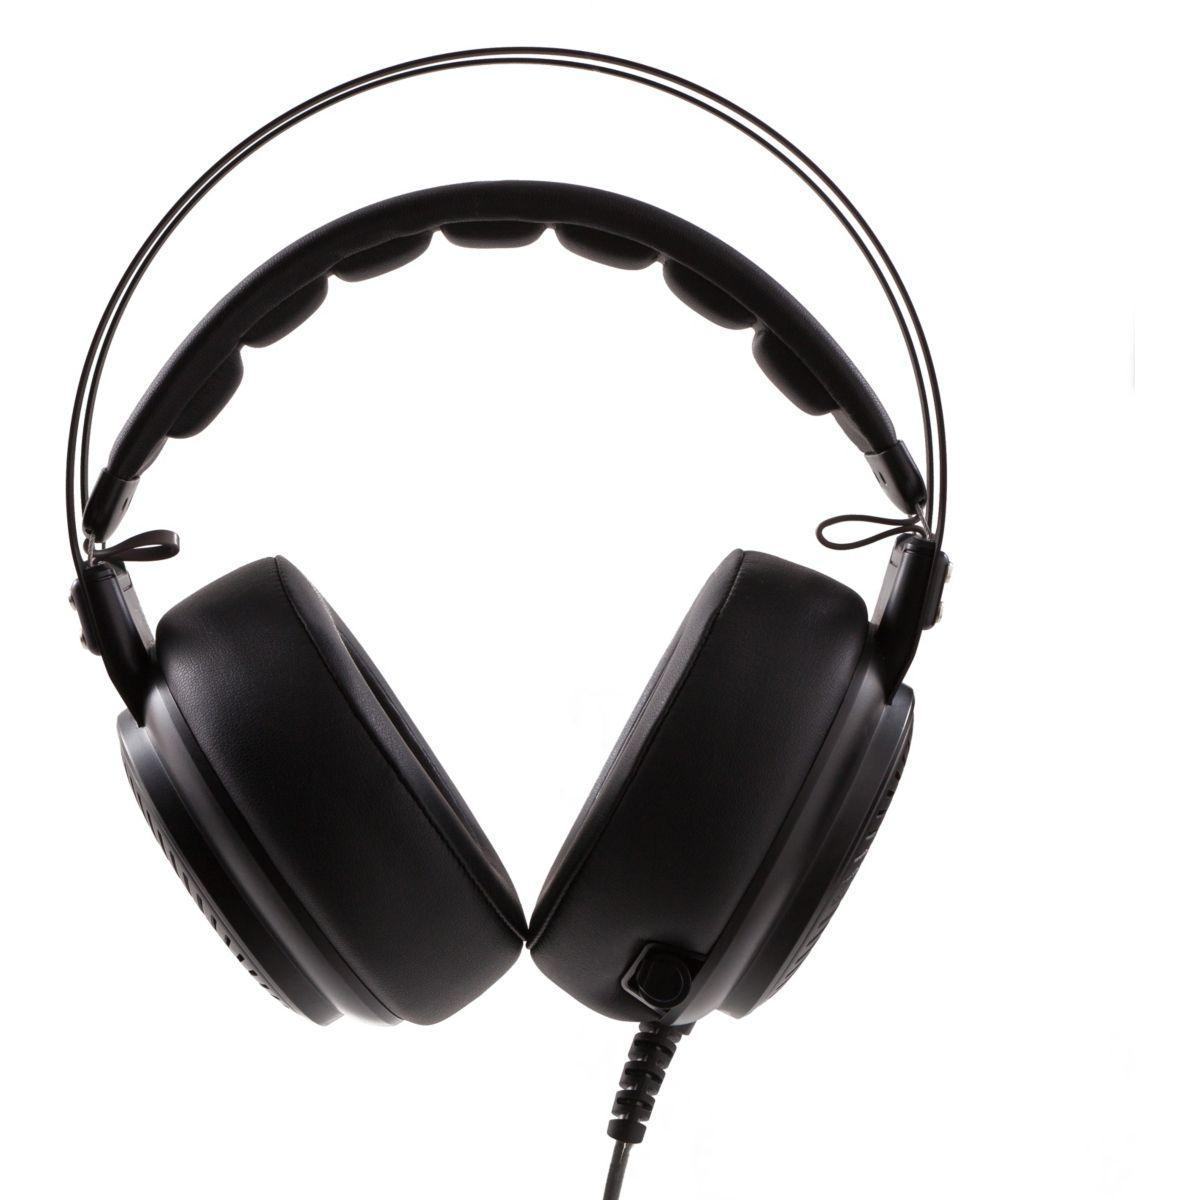 Cuffie Riduzione del Rumore Gaming con Microfono Skillkorp SKP H20 - Nero